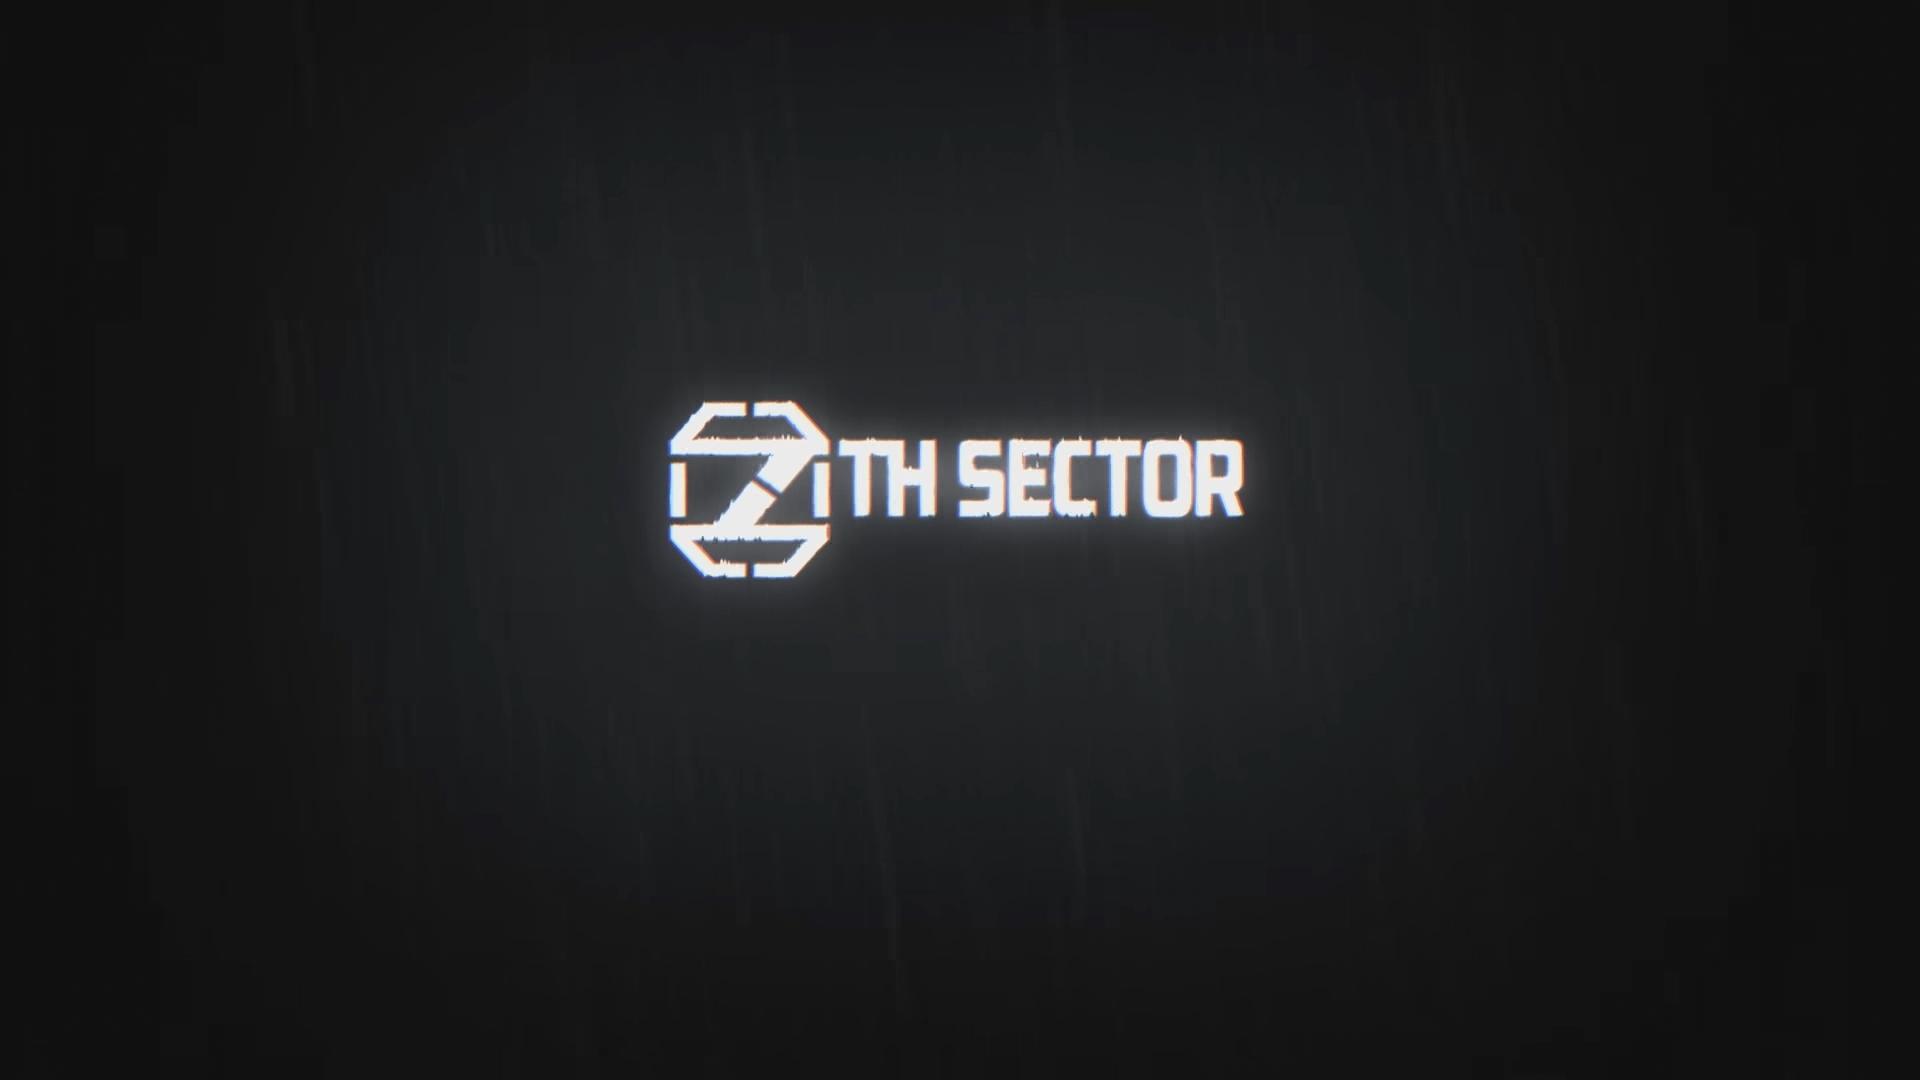 Annunciato l'arrivo di 7th Sector pure su PS4, Xbox One e Switch